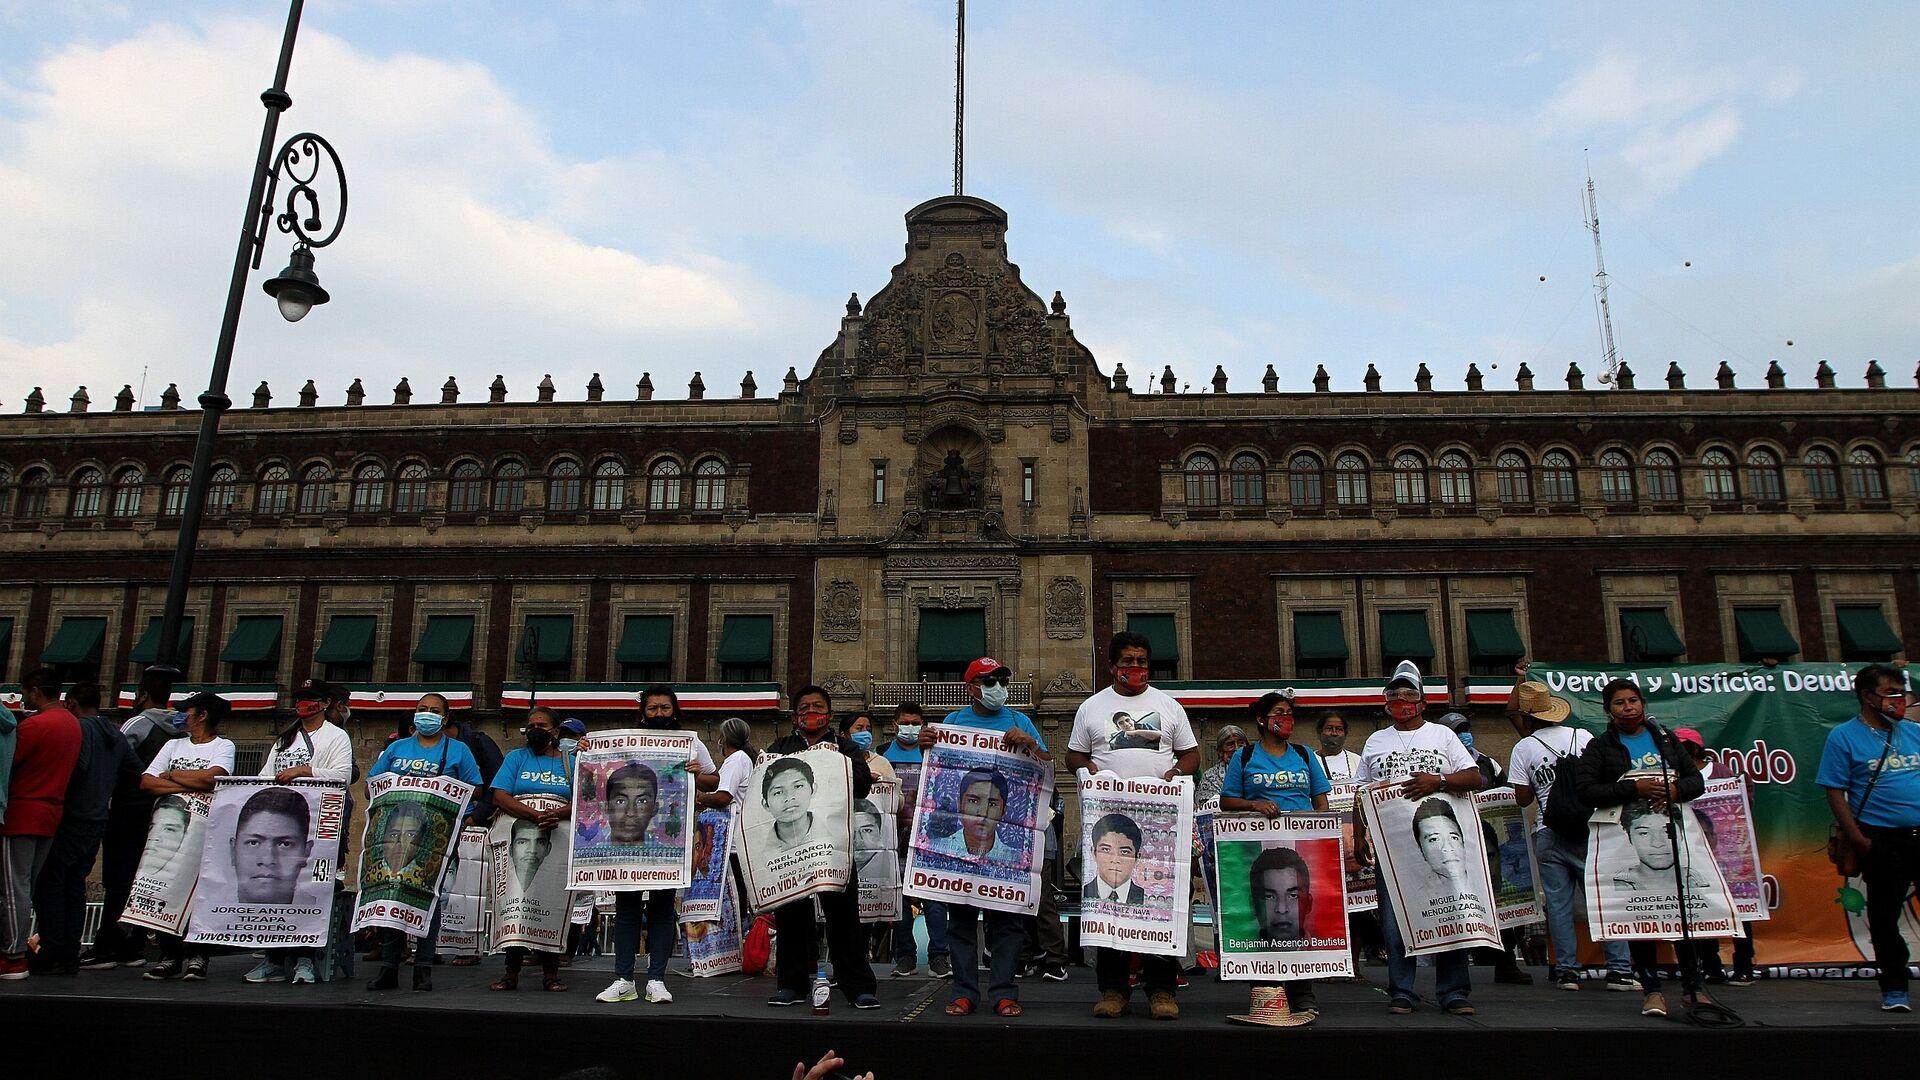 Conmemoran en CDMX seis años de la desaparición forzada de los estudiantes de Ayotzinapa - Sputnik Mundo, 1920, 24.09.2021